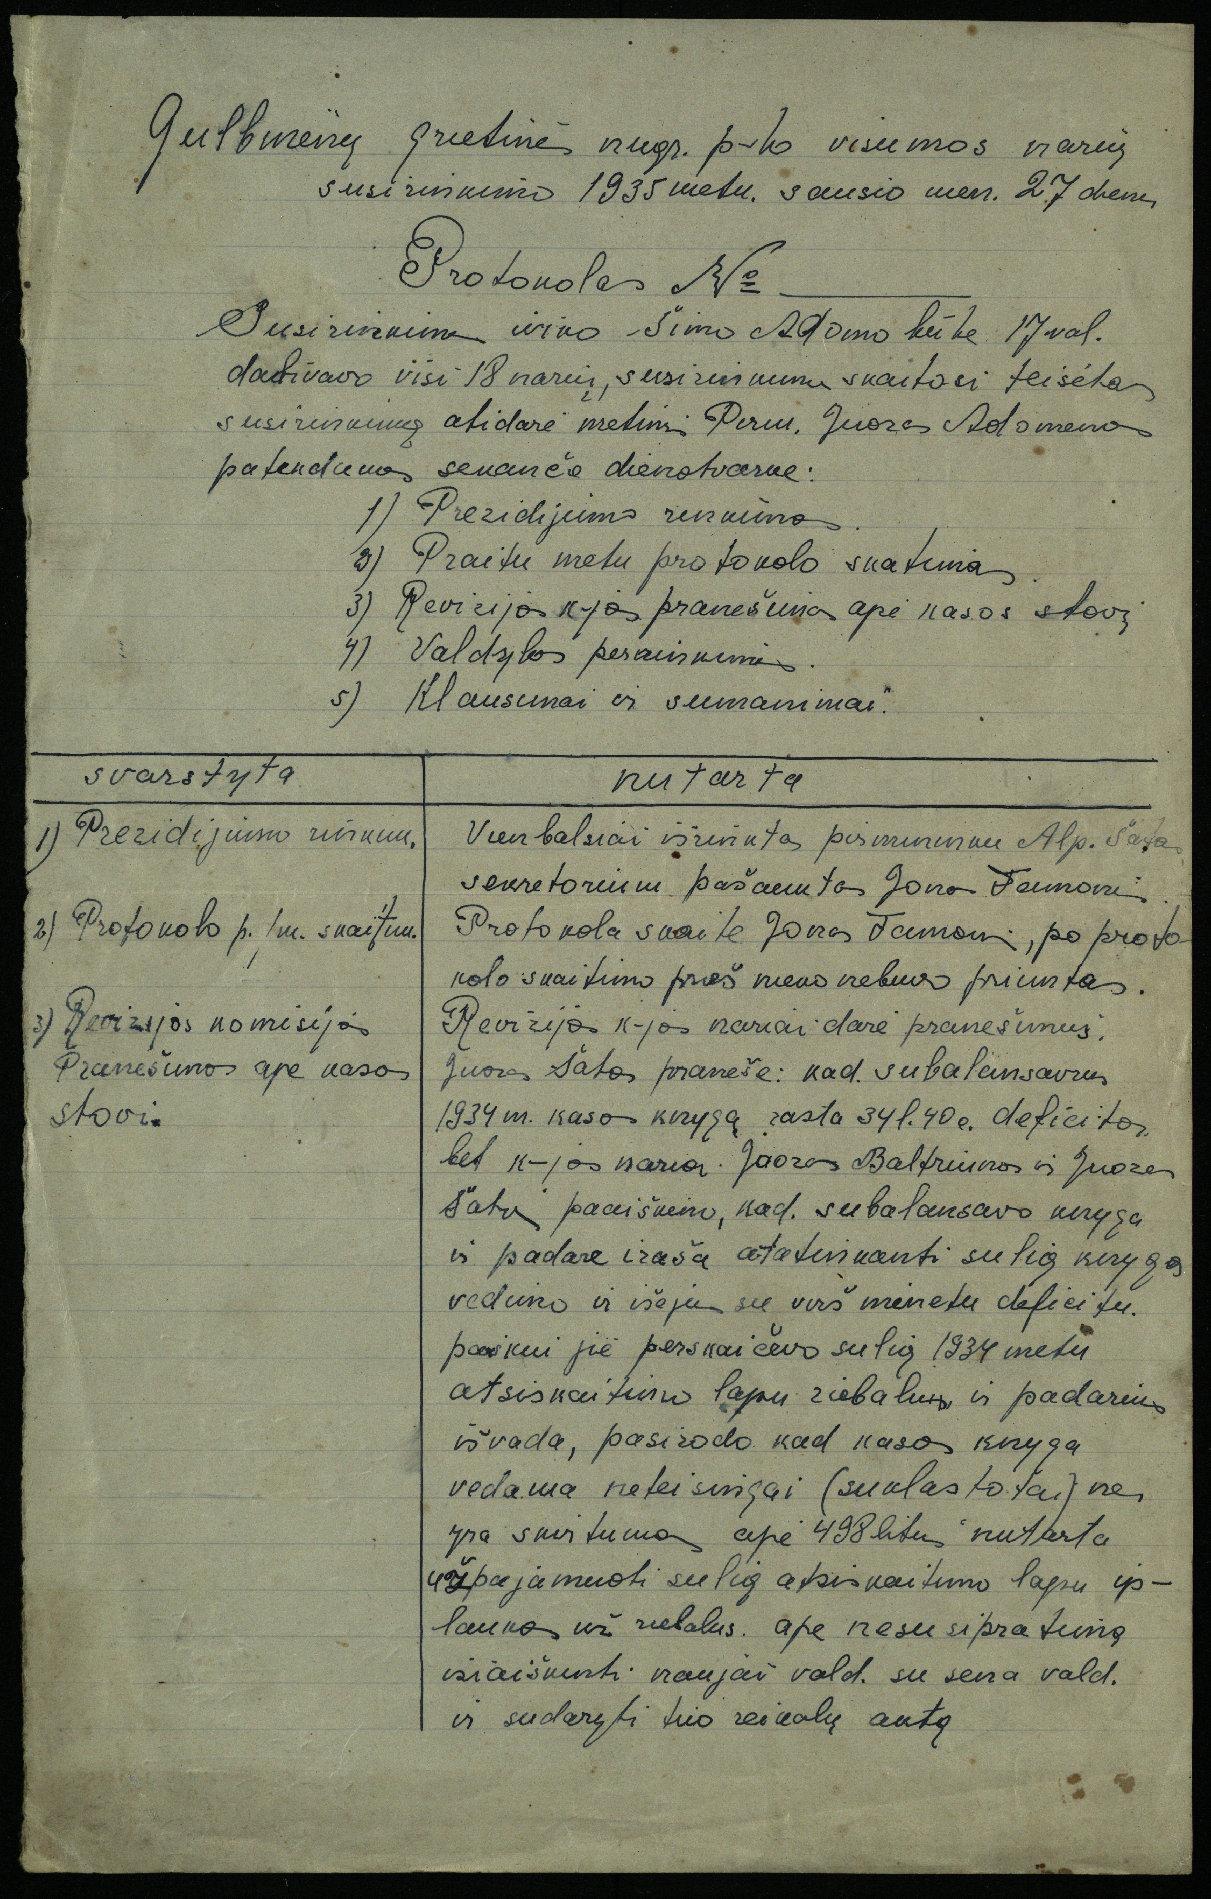 Biržų apskrities Krinčino valsčiaus Gulbinėnų kaimo grietinės nugriebimo punkto visumos narių susirinkimo protokolas, 1935 m.